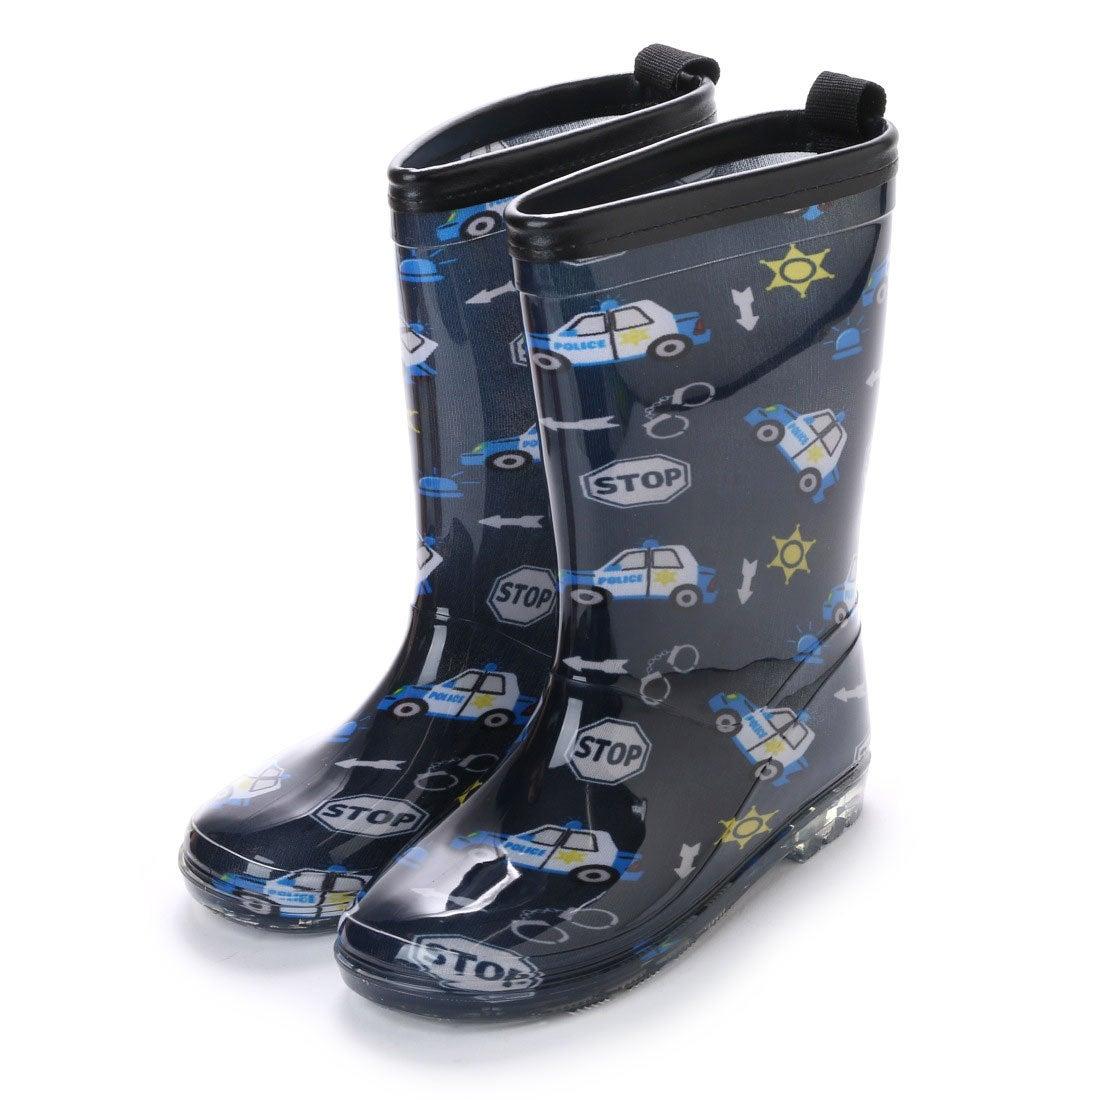 ロコンド 靴とファッションの通販サイトケーズプラスK'sPLUS総柄レインシューズスリップ防止16cm-24cmキッズ,ベビー,男の子,パトカー,女の子,ハート,長靴,レインブーツ,子供(NAVY)